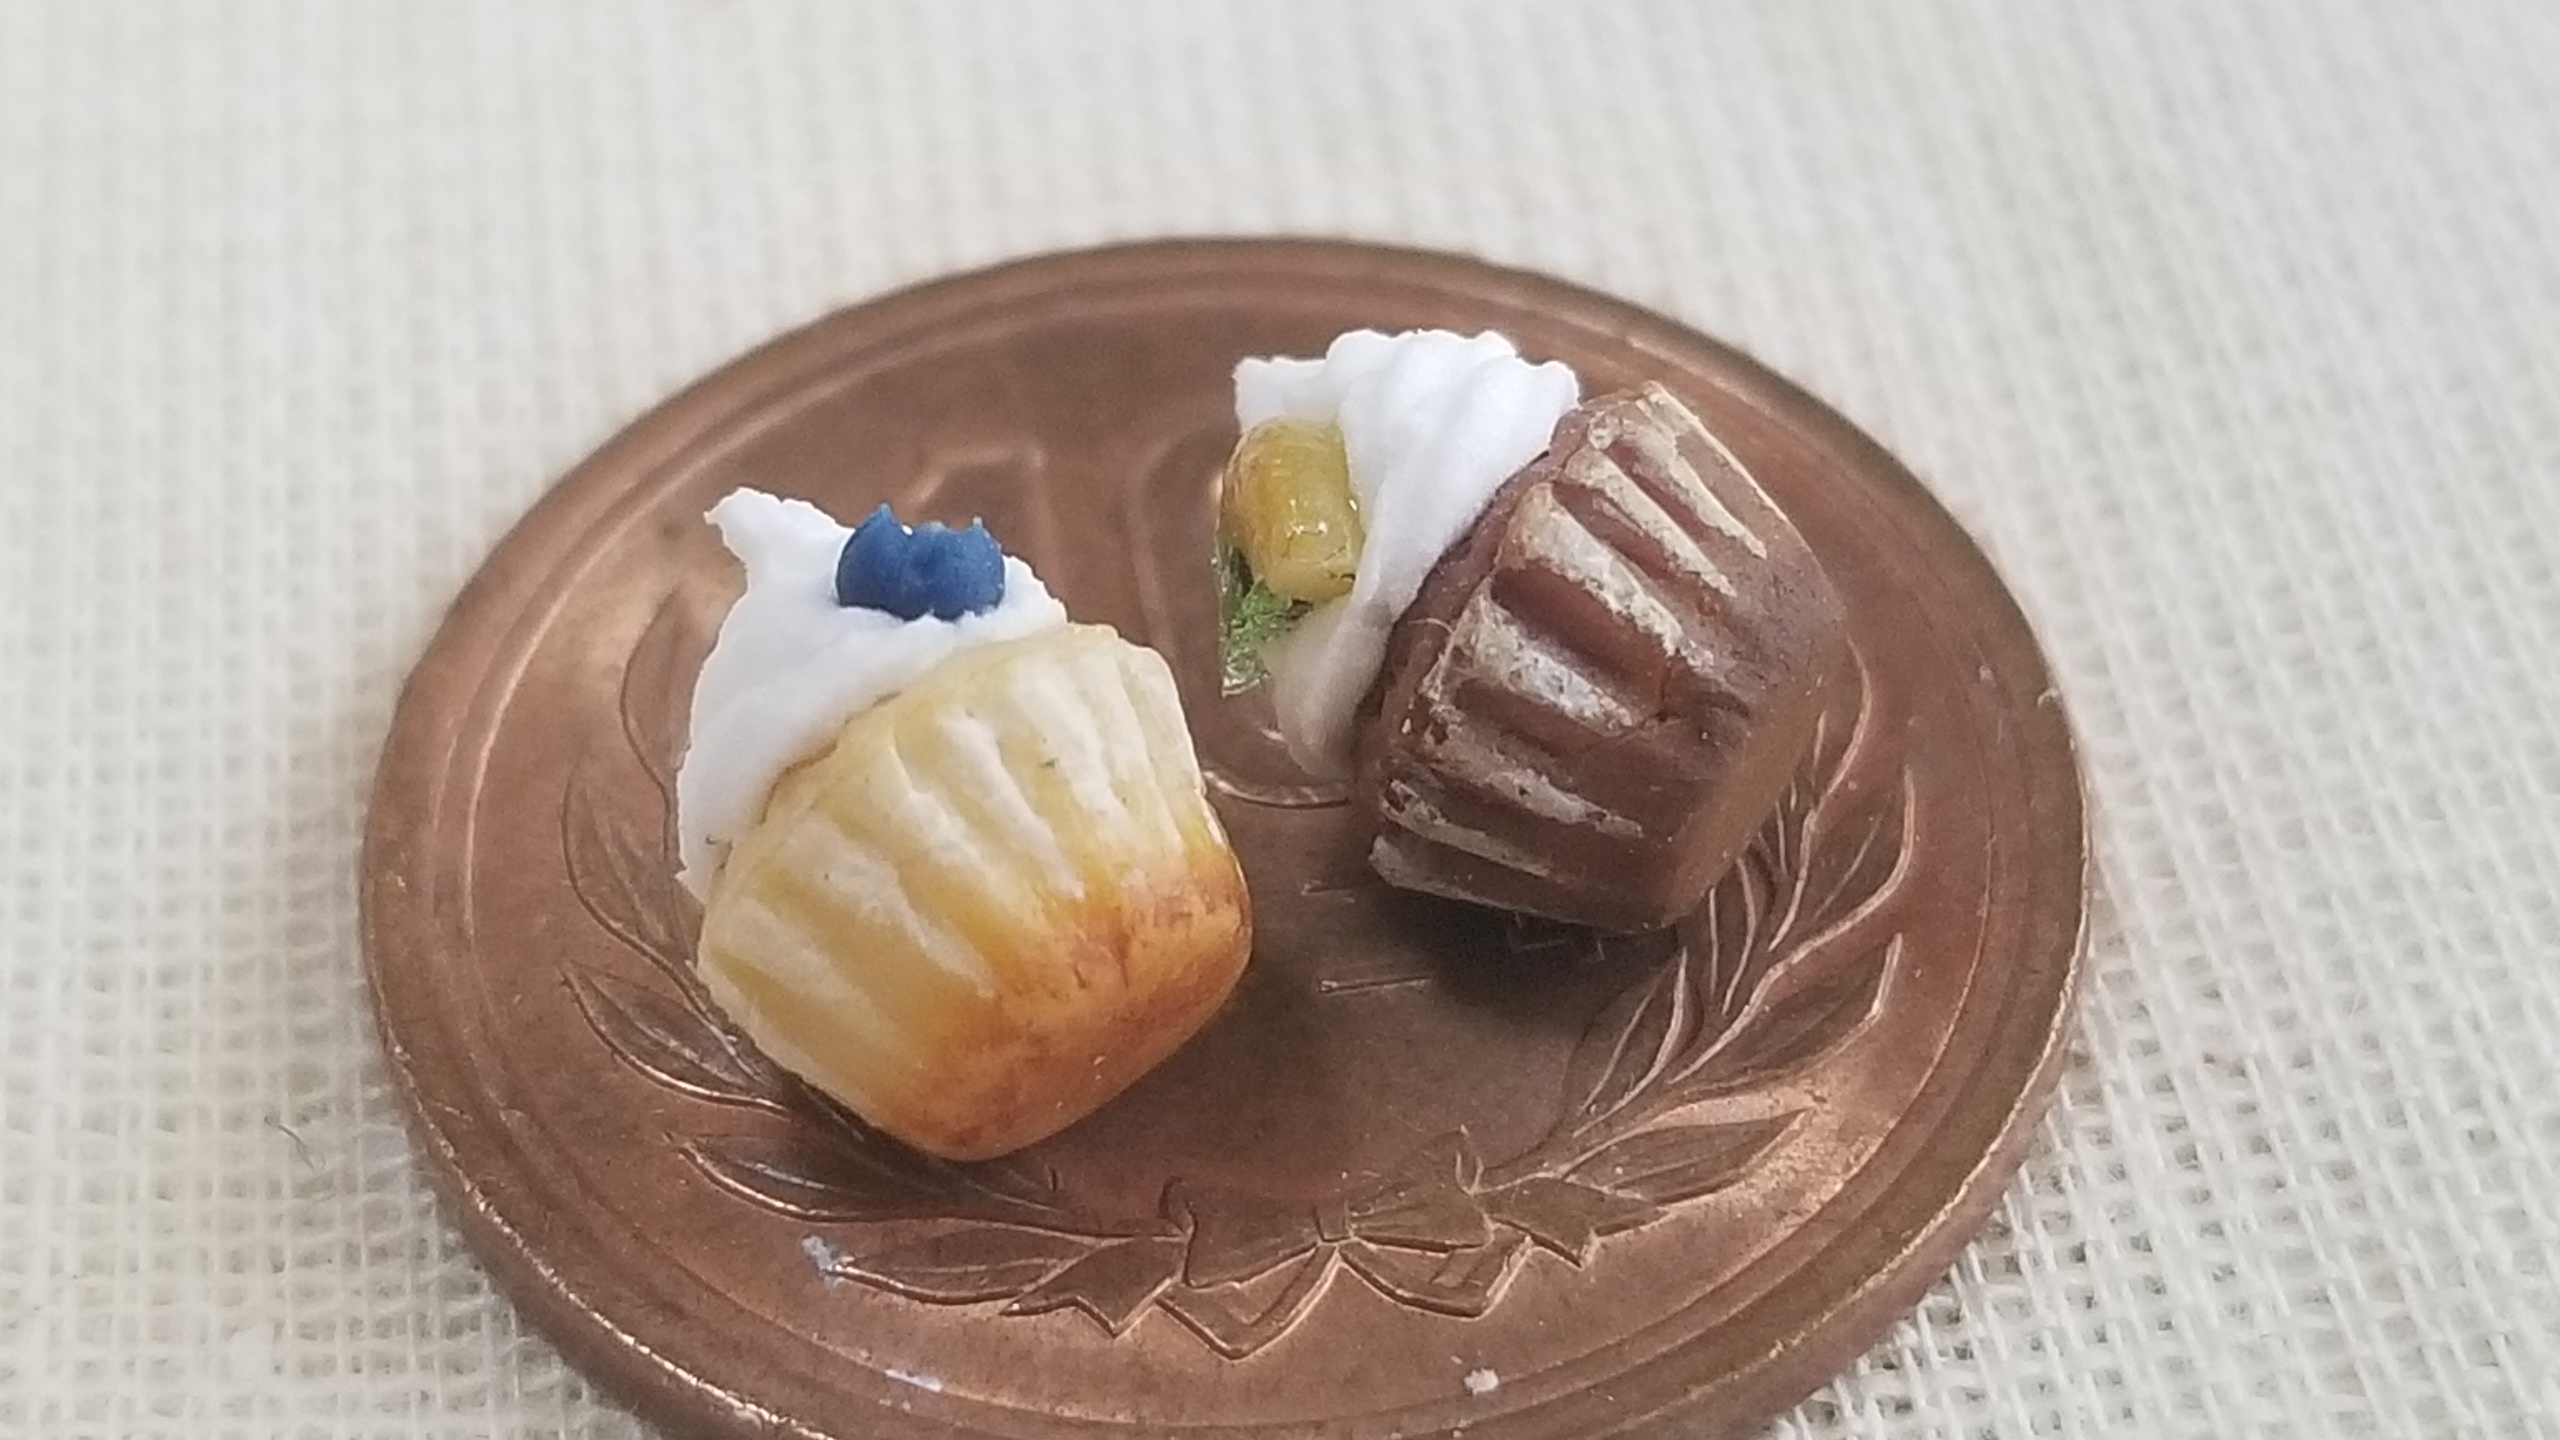 ミニチュア,カップケーキ,ドールハウス,可愛,美味しい,人形,サンプル